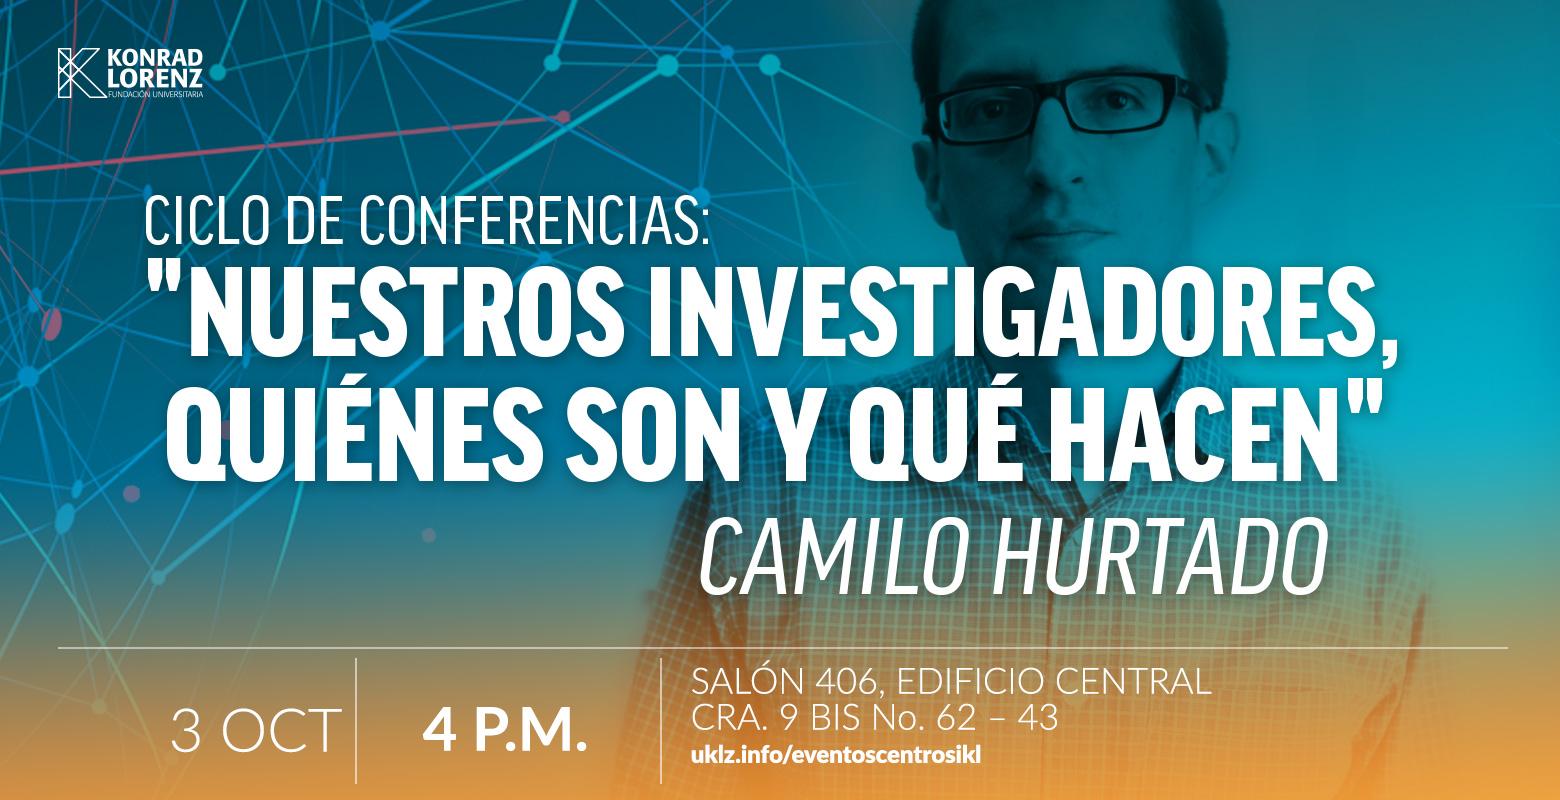 Camilo Hurtado: Estudios sobre el control aversivo. Nuestros Investigadores: Quiénes son y qué hacen.